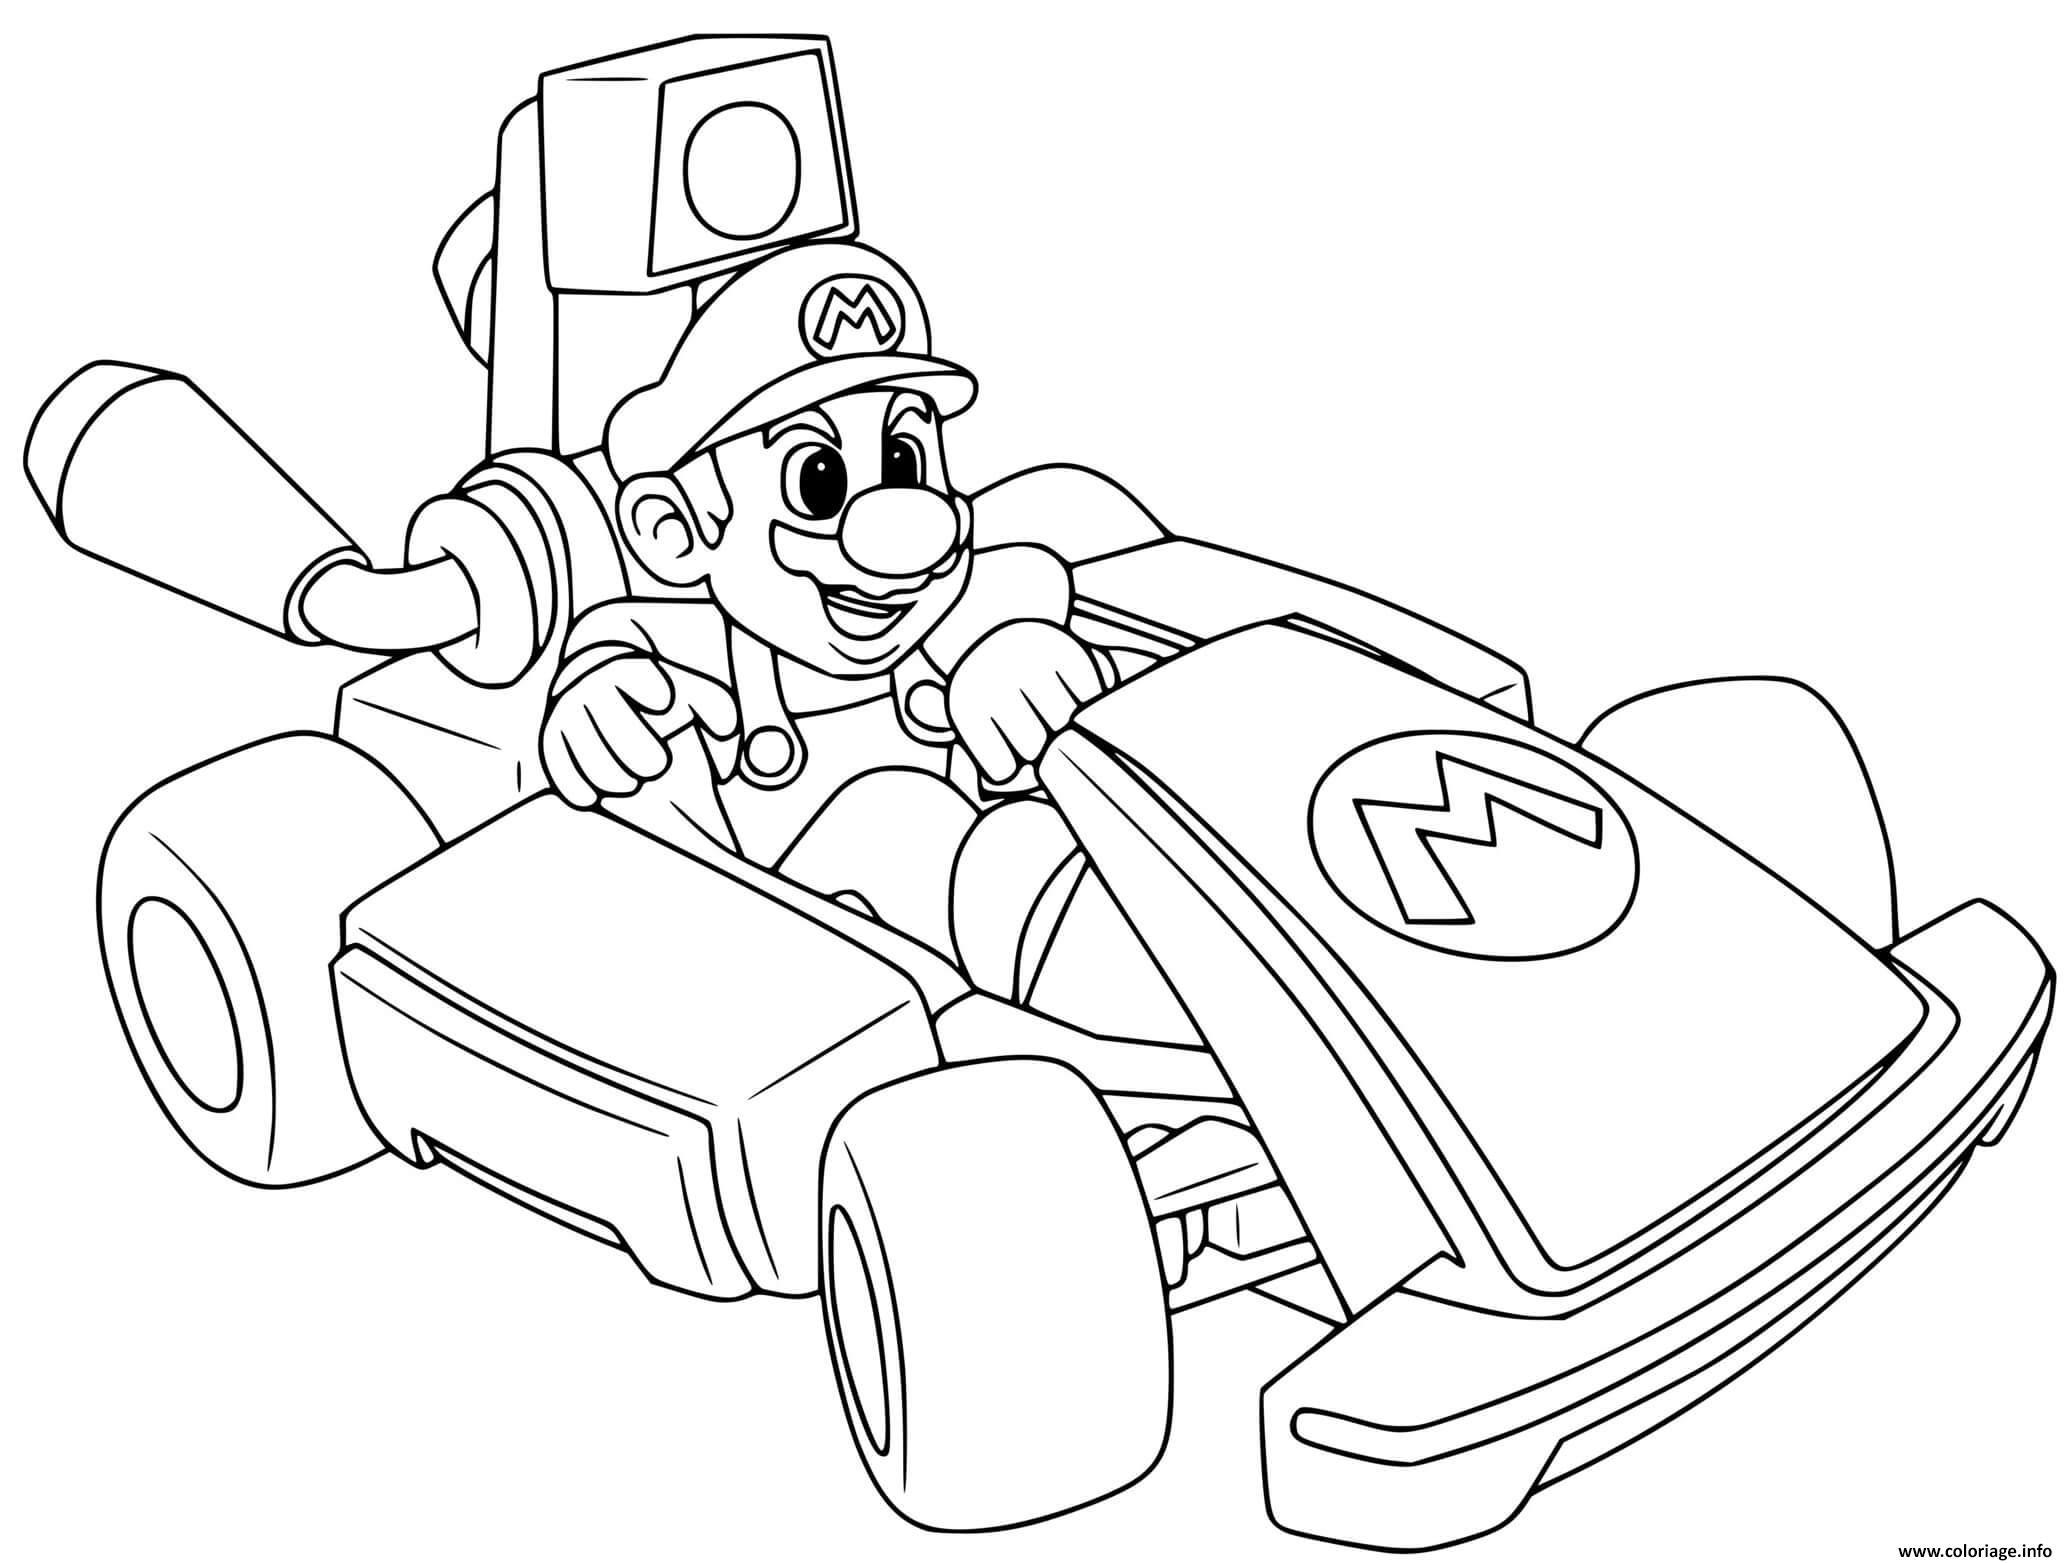 Dessin mario kart deluxe voiture de course Coloriage Gratuit à Imprimer